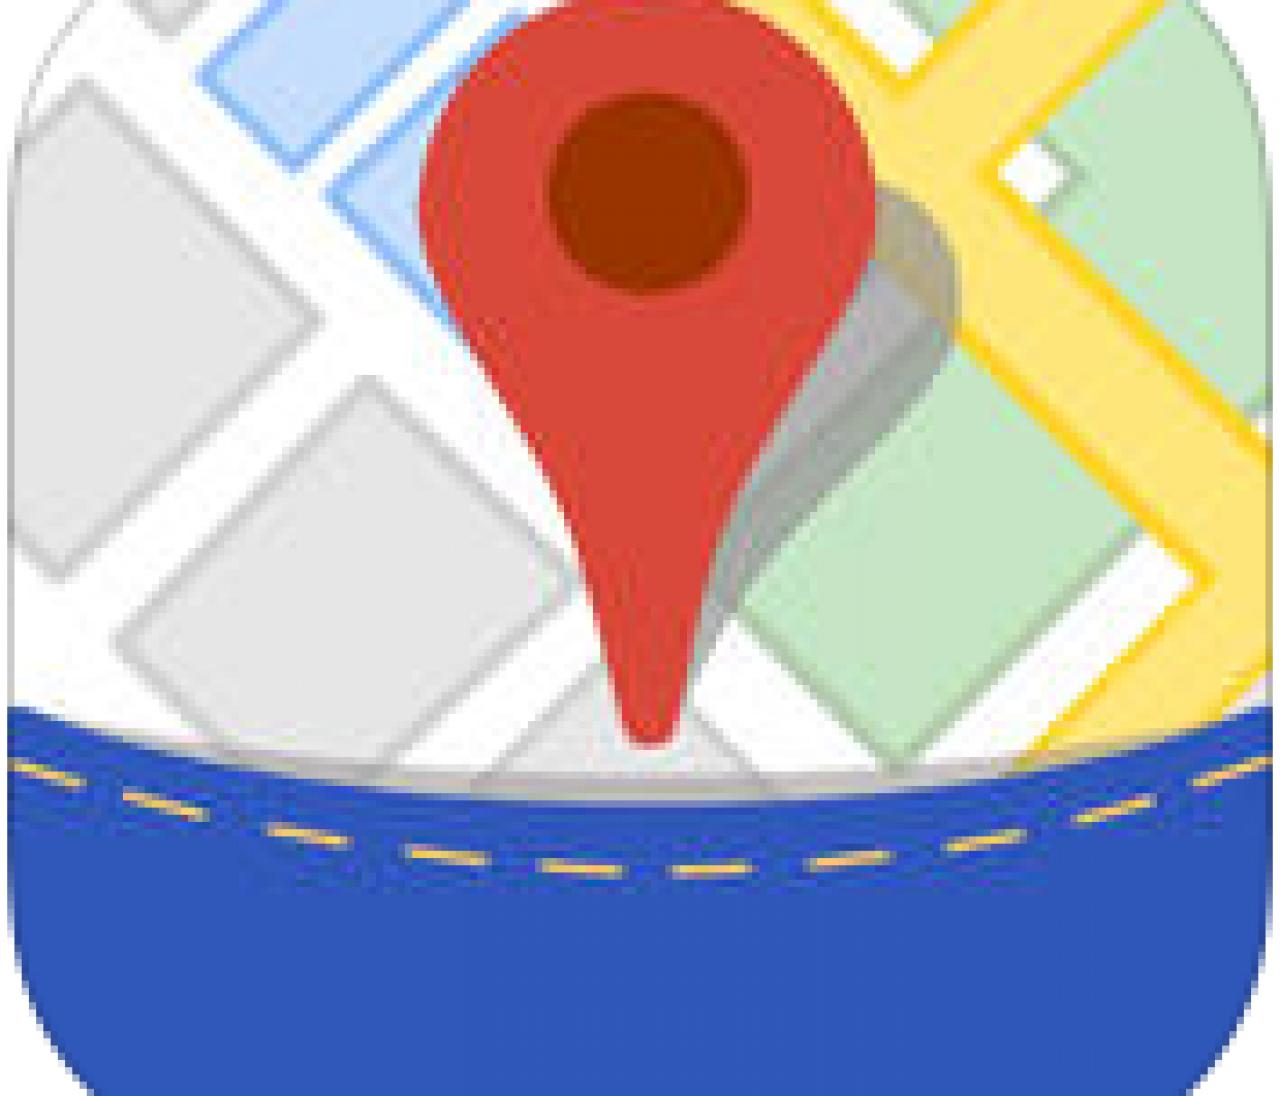 海外旅行に行く前にダウンロード必須! 超使えるアプリとは?